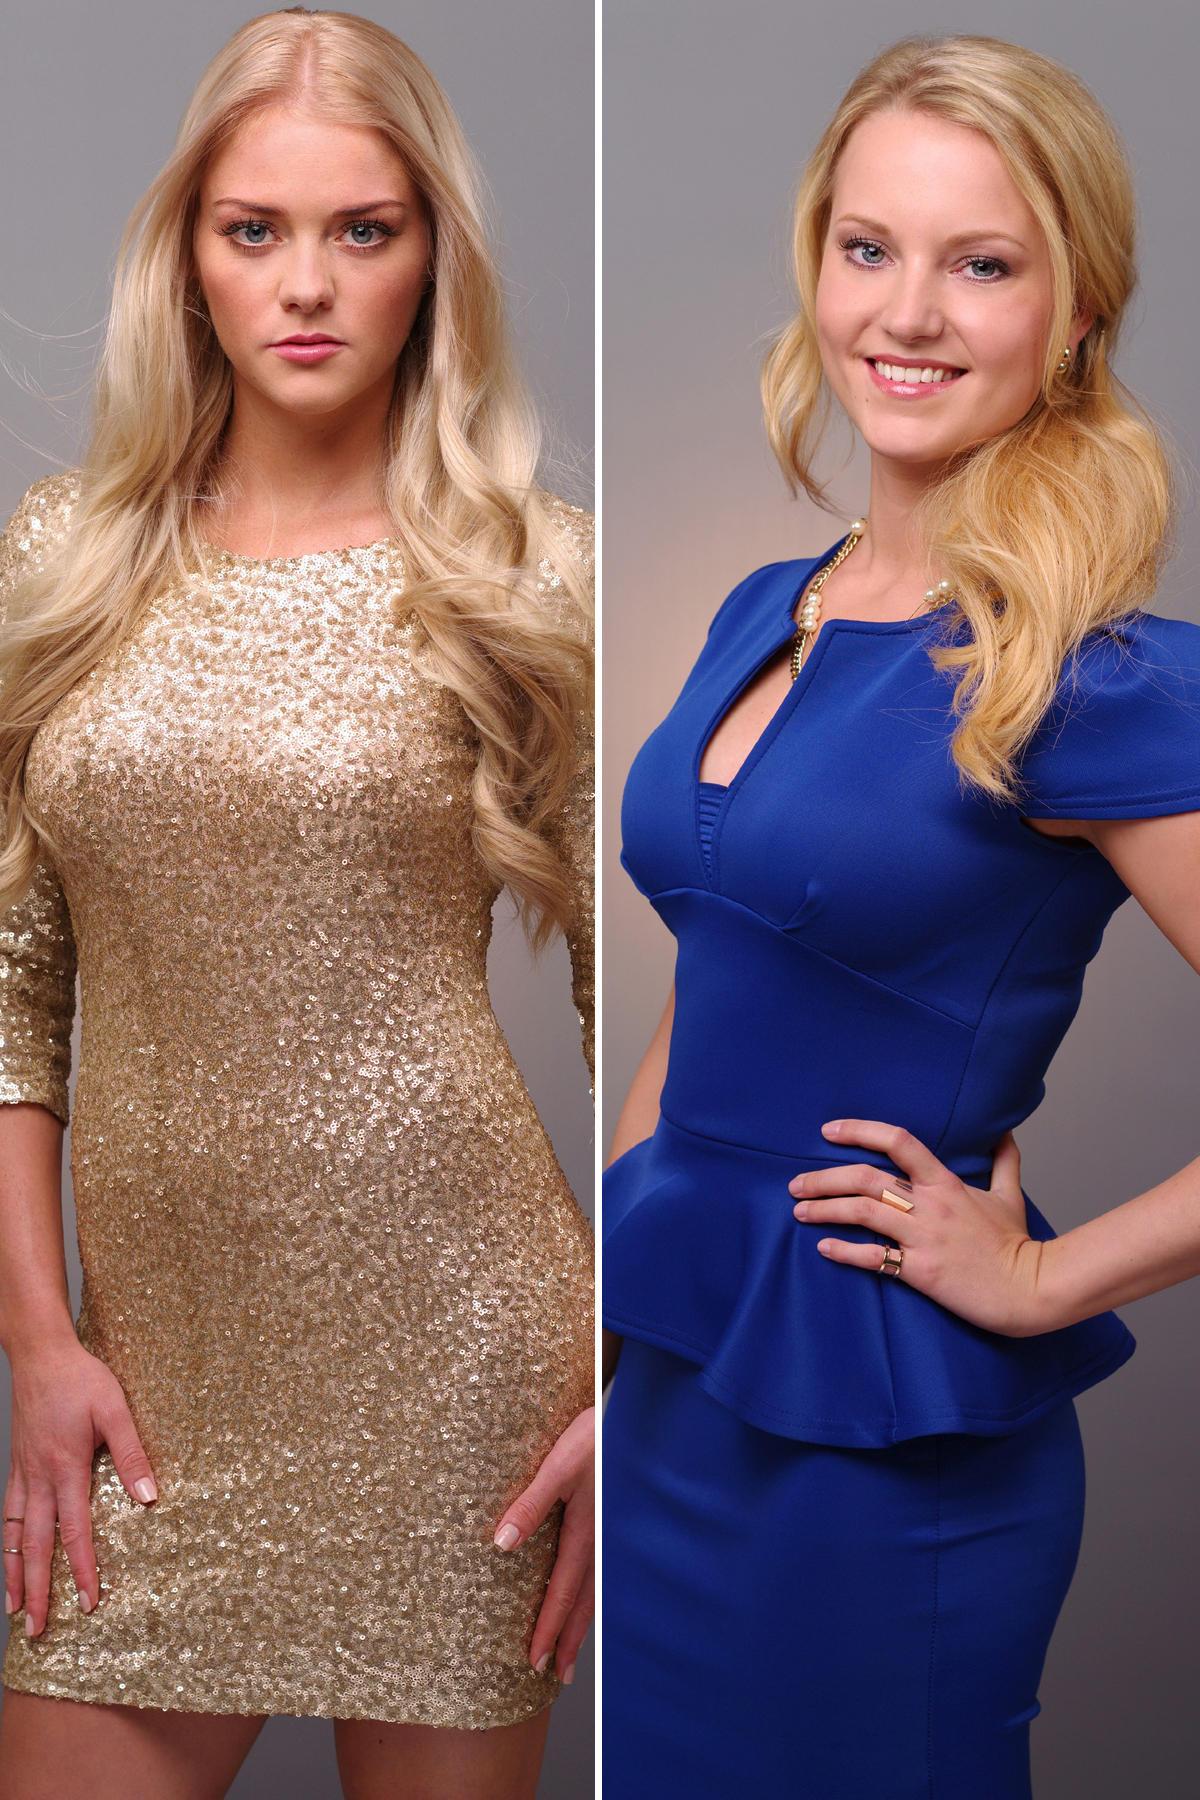 Der Bachelor: Daniela und Leonie sind die Finalistinnen